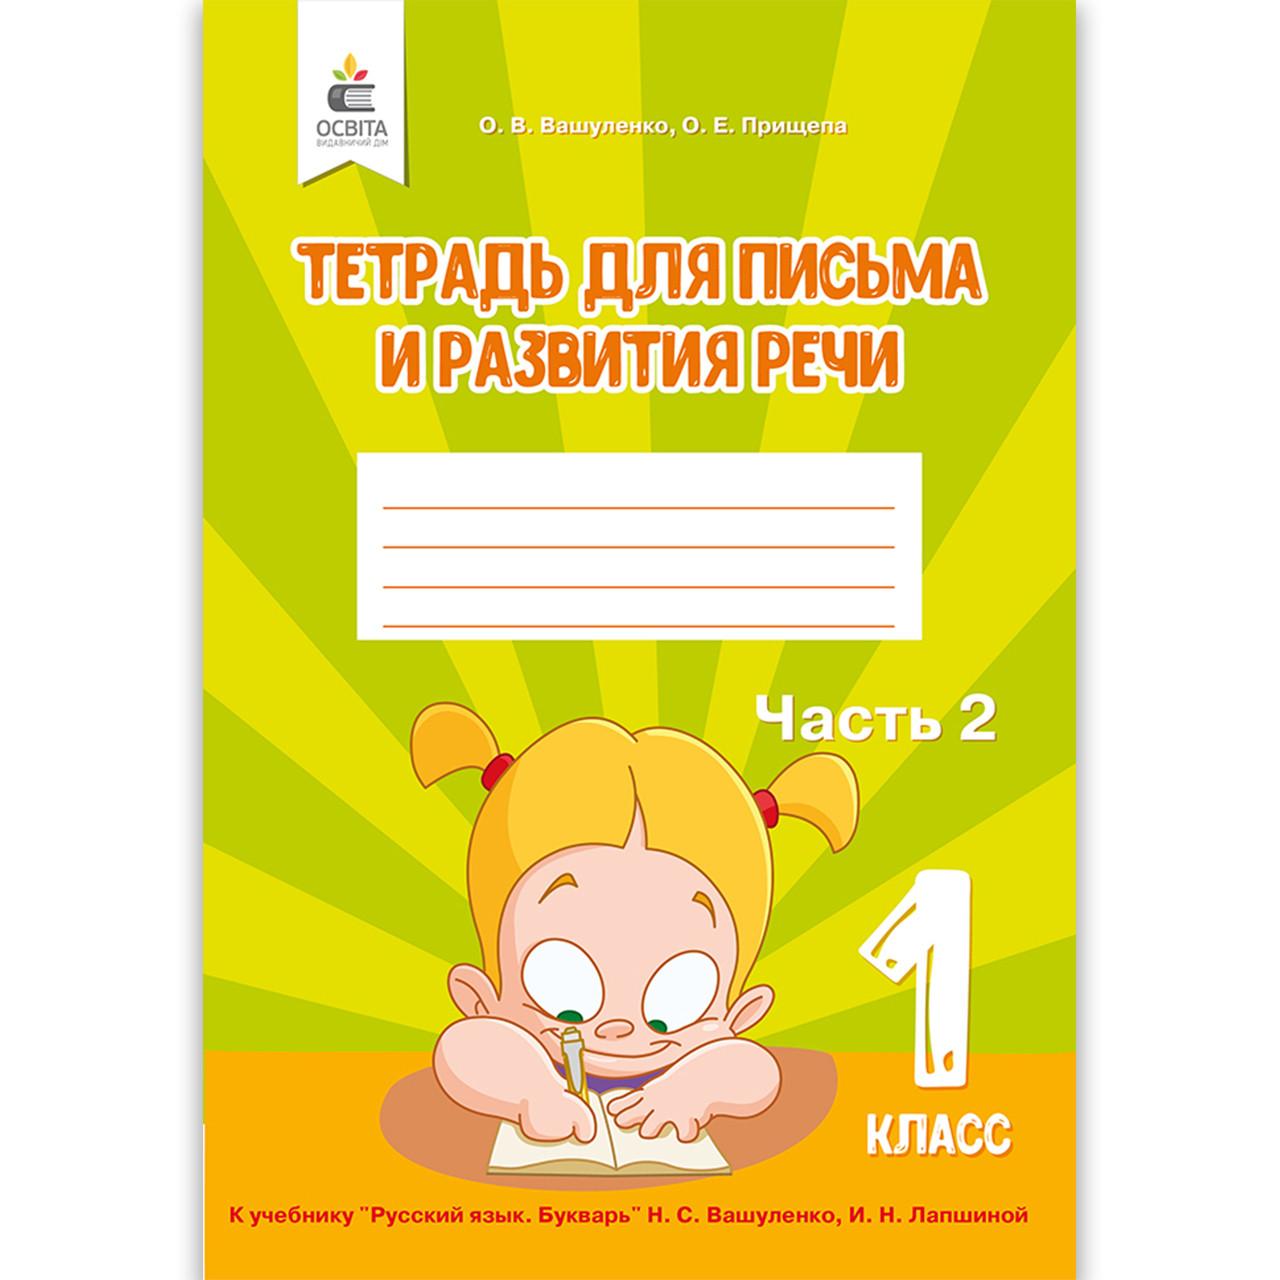 Тетрадь для письма и развития речи 1 класс 2 часть Авт: Вашуленко О. Изд: Освіта